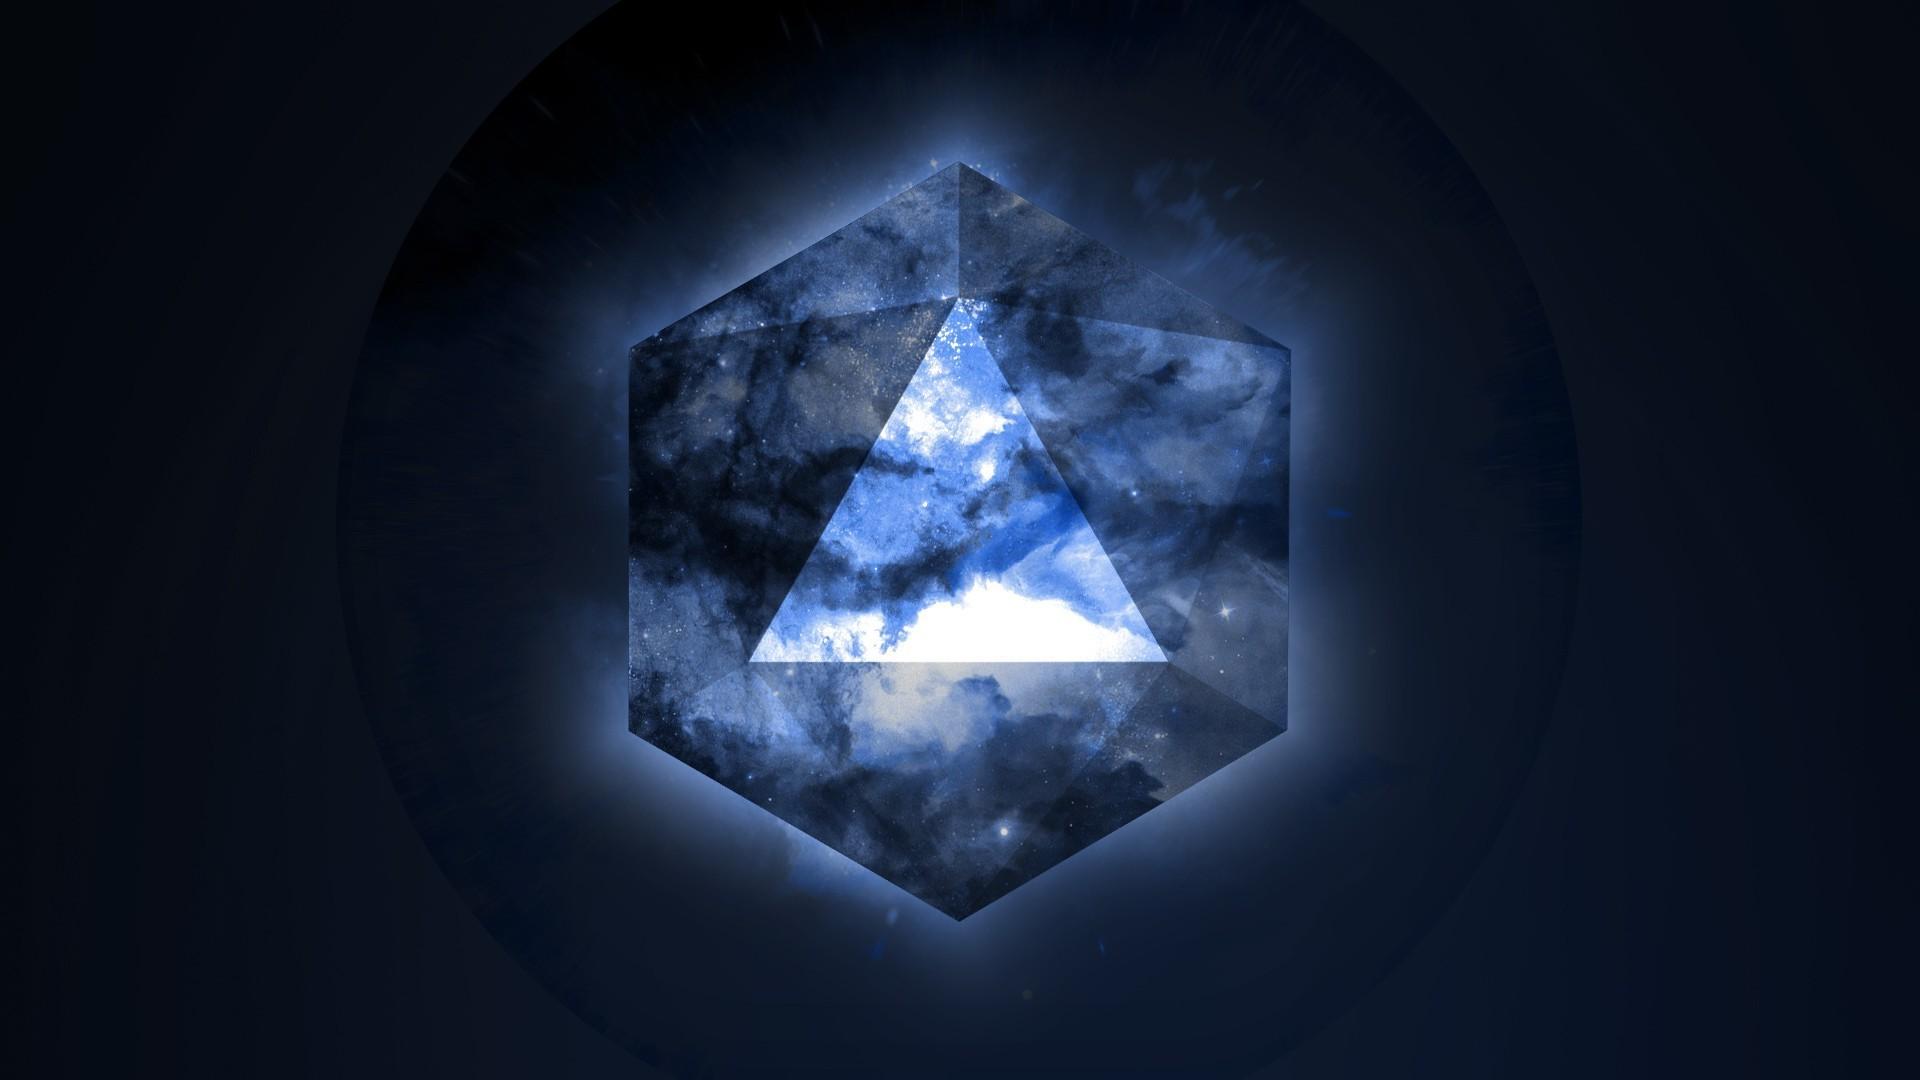 Illuminati Wallpapers 74 Pictures